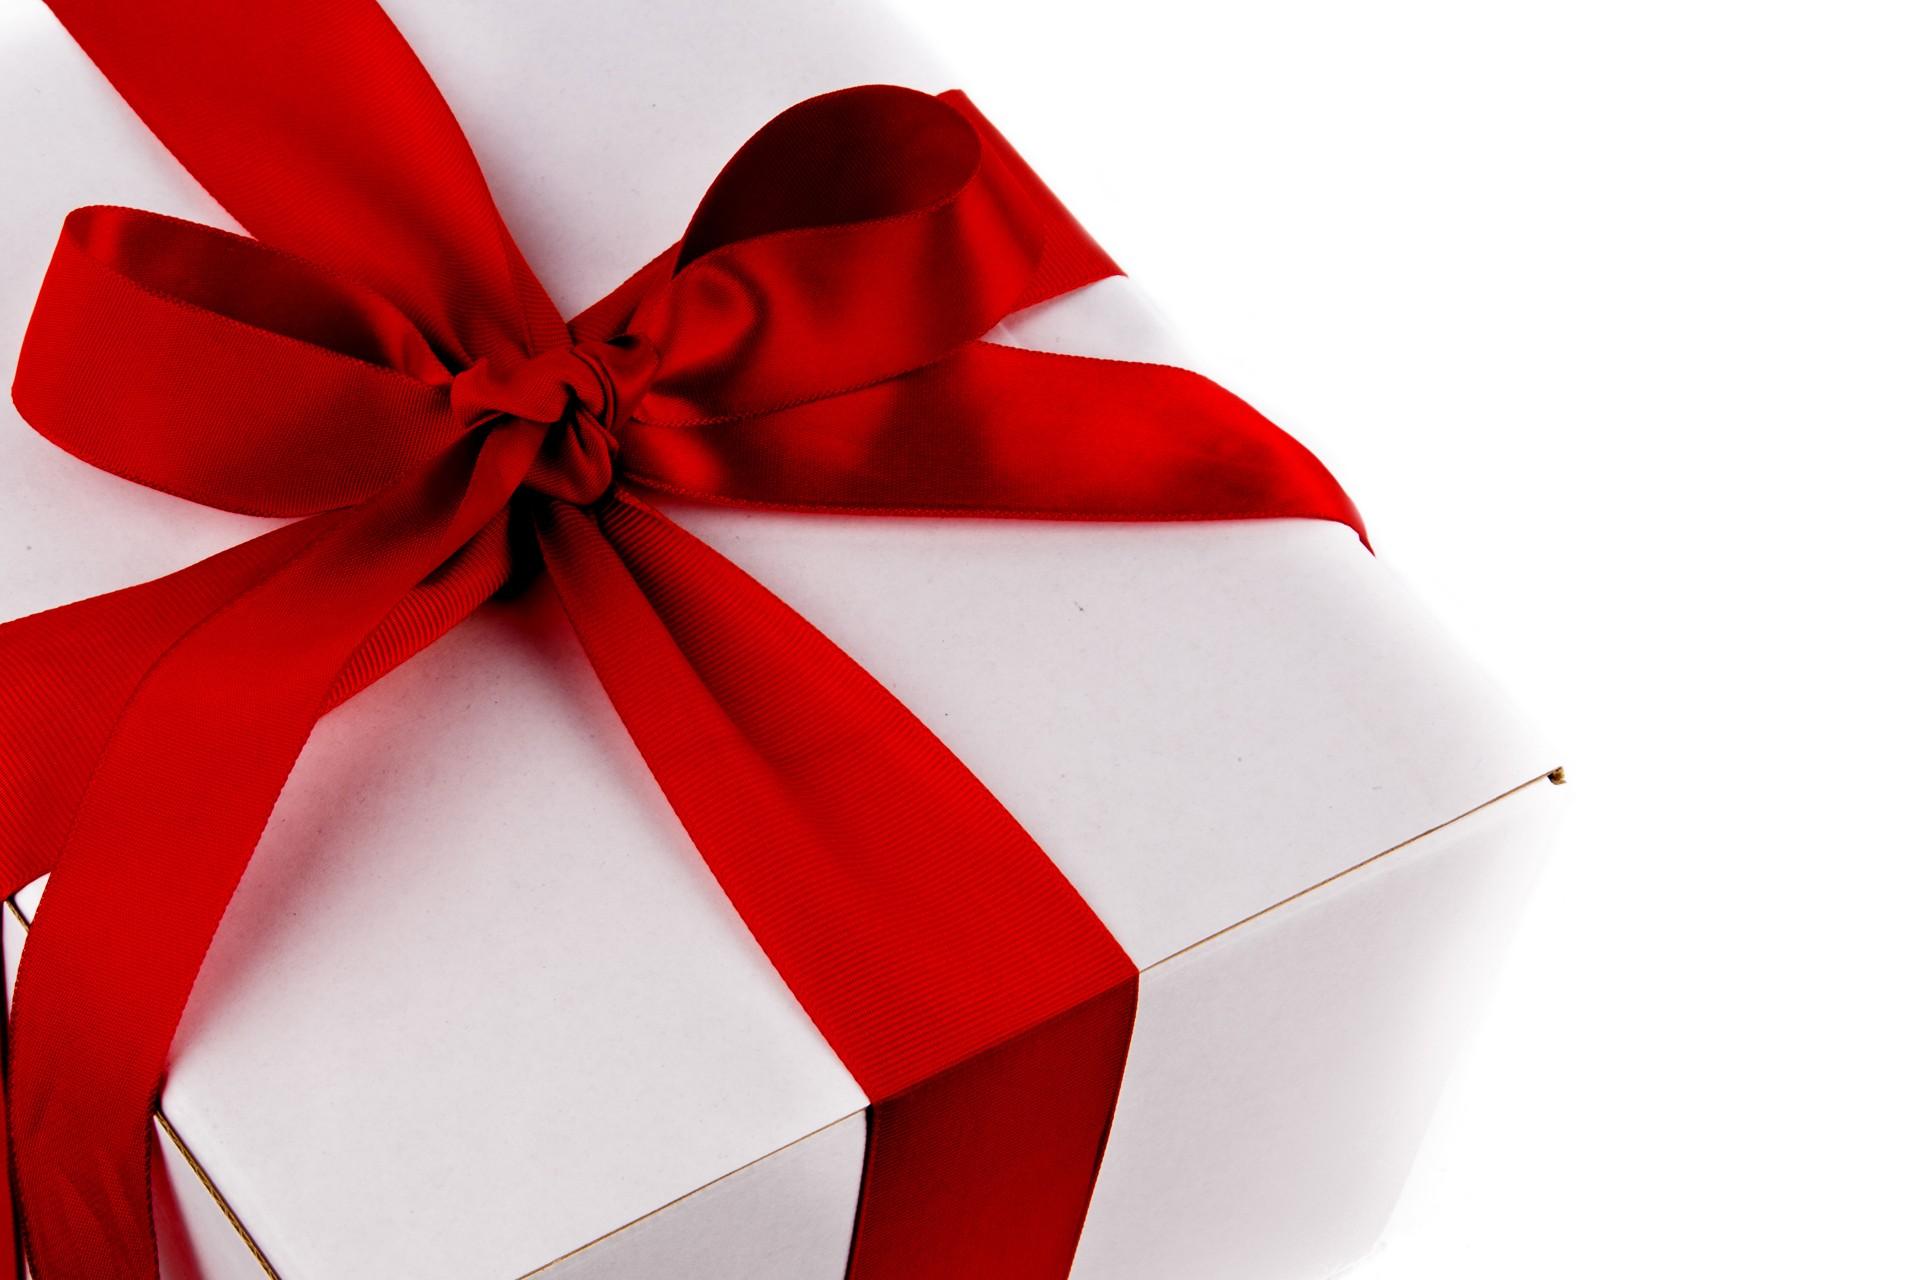 christmas-gift-box-14109686029mb